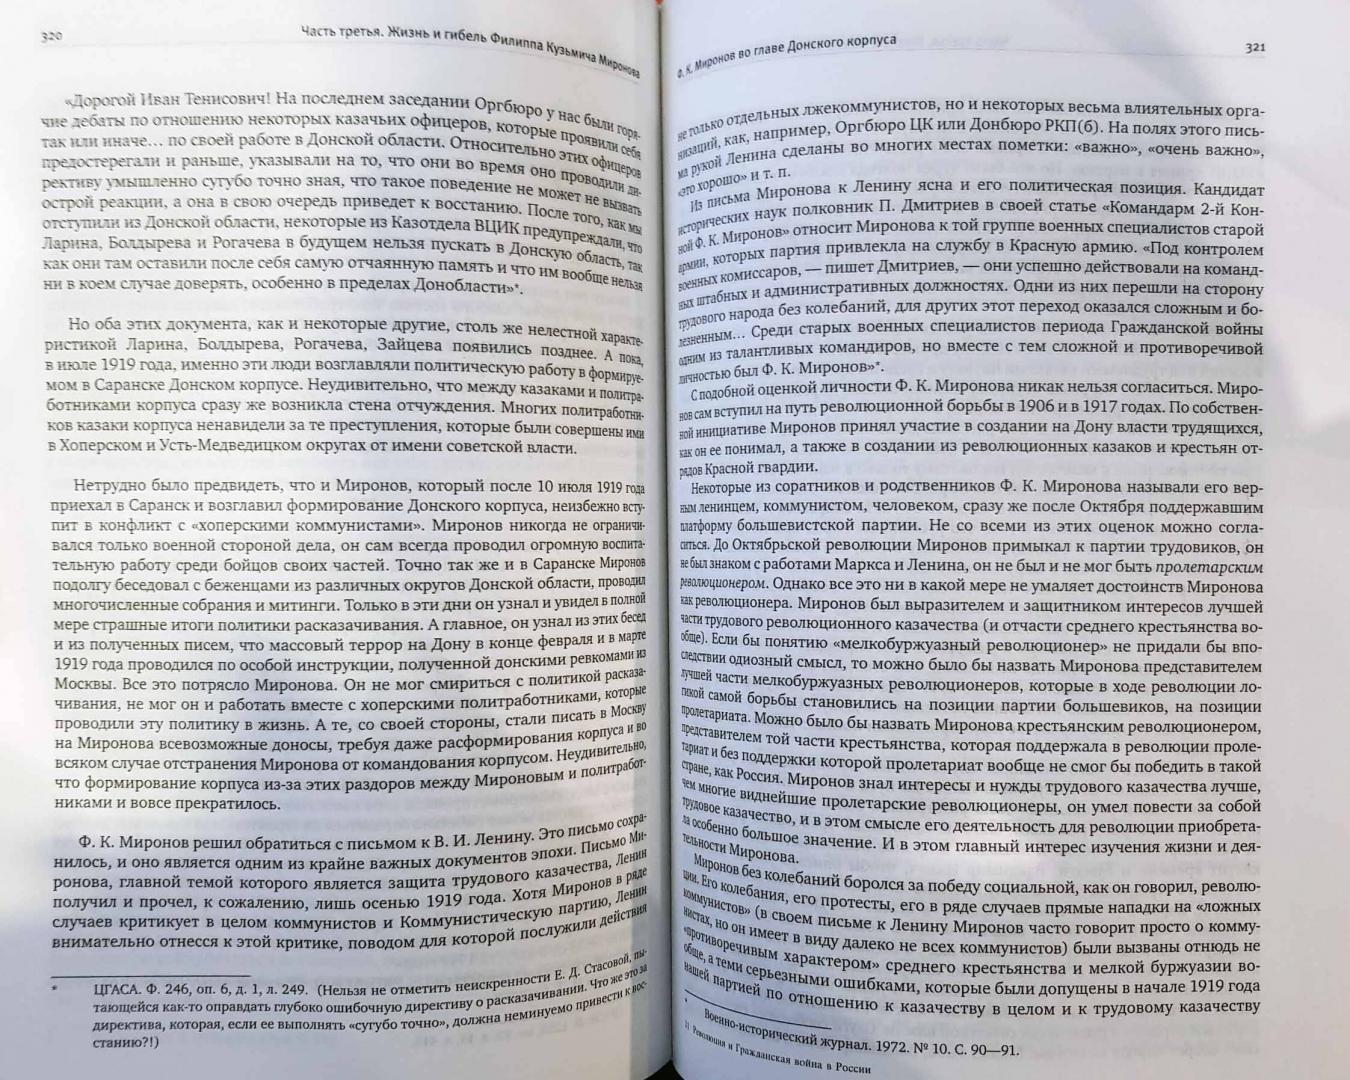 Иллюстрация 10 из 22 для Революция и Гражданская война в России 1917-1922 - Рой Медведев   Лабиринт - книги. Источник: latov